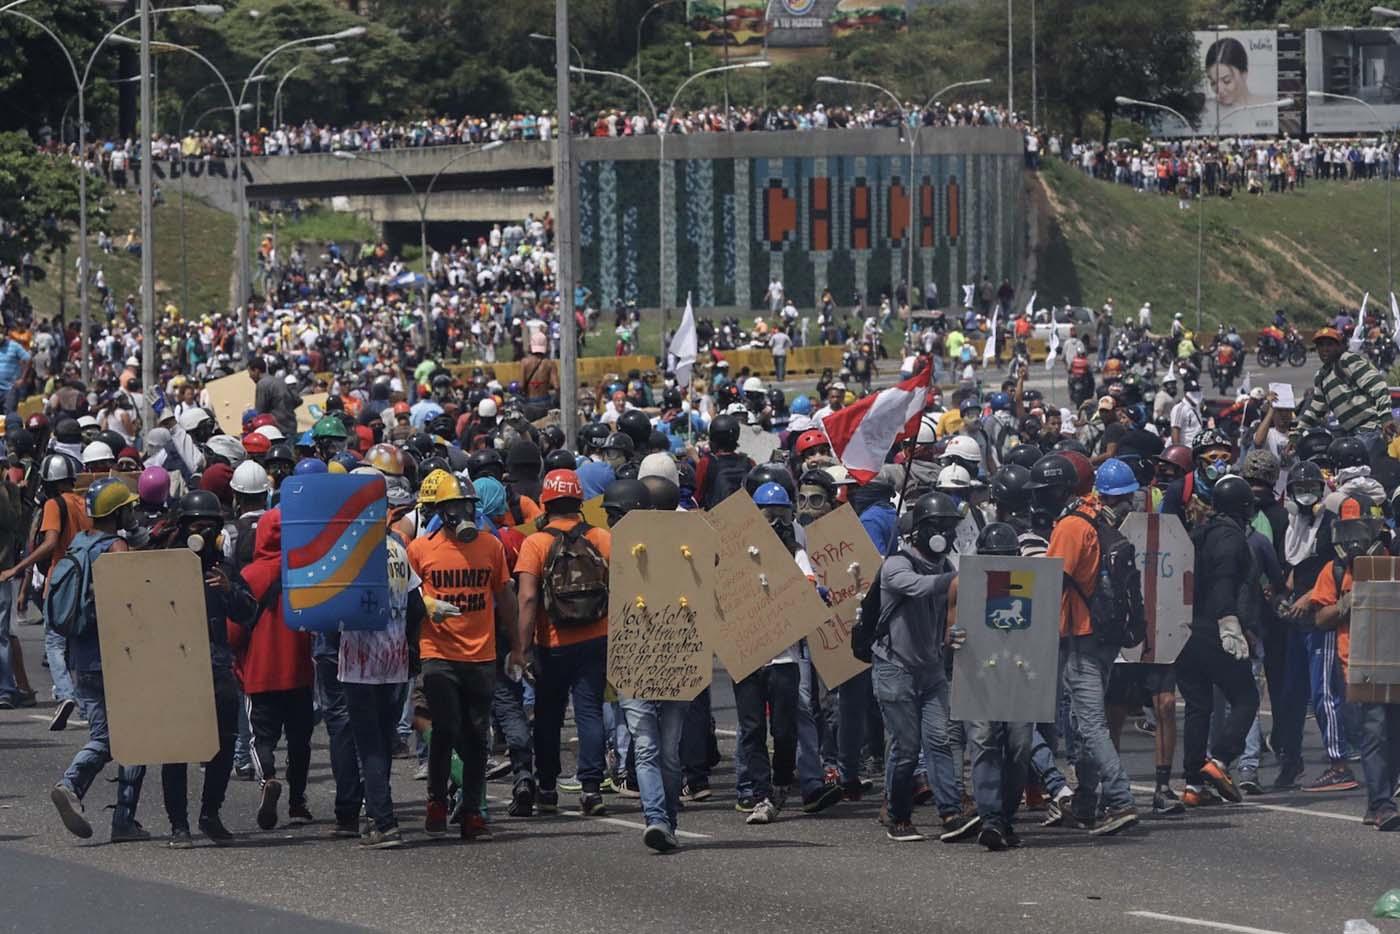 CAR001. CARACAS (VENEZUELA), 19/04/2017.- Manifestantes opositores se enfrentan con miembros de la Guardia Nacional (GNB) durante una protesta hoy, lunes 19 de junio de 2017, en Caracas (Venezuela). Los cuerpos de seguridad del Estado venezolanos dispersaron hoy con gases lacrimógenos y chorros de agua las marchas de los opositores al Gobierno que salieron desde varios puntos de Caracas e intentaban movilizarse hasta la sede del Consejo Nacional Electoral (CNE), en el centro de la capital. EFE/Miguel Gutiérrez